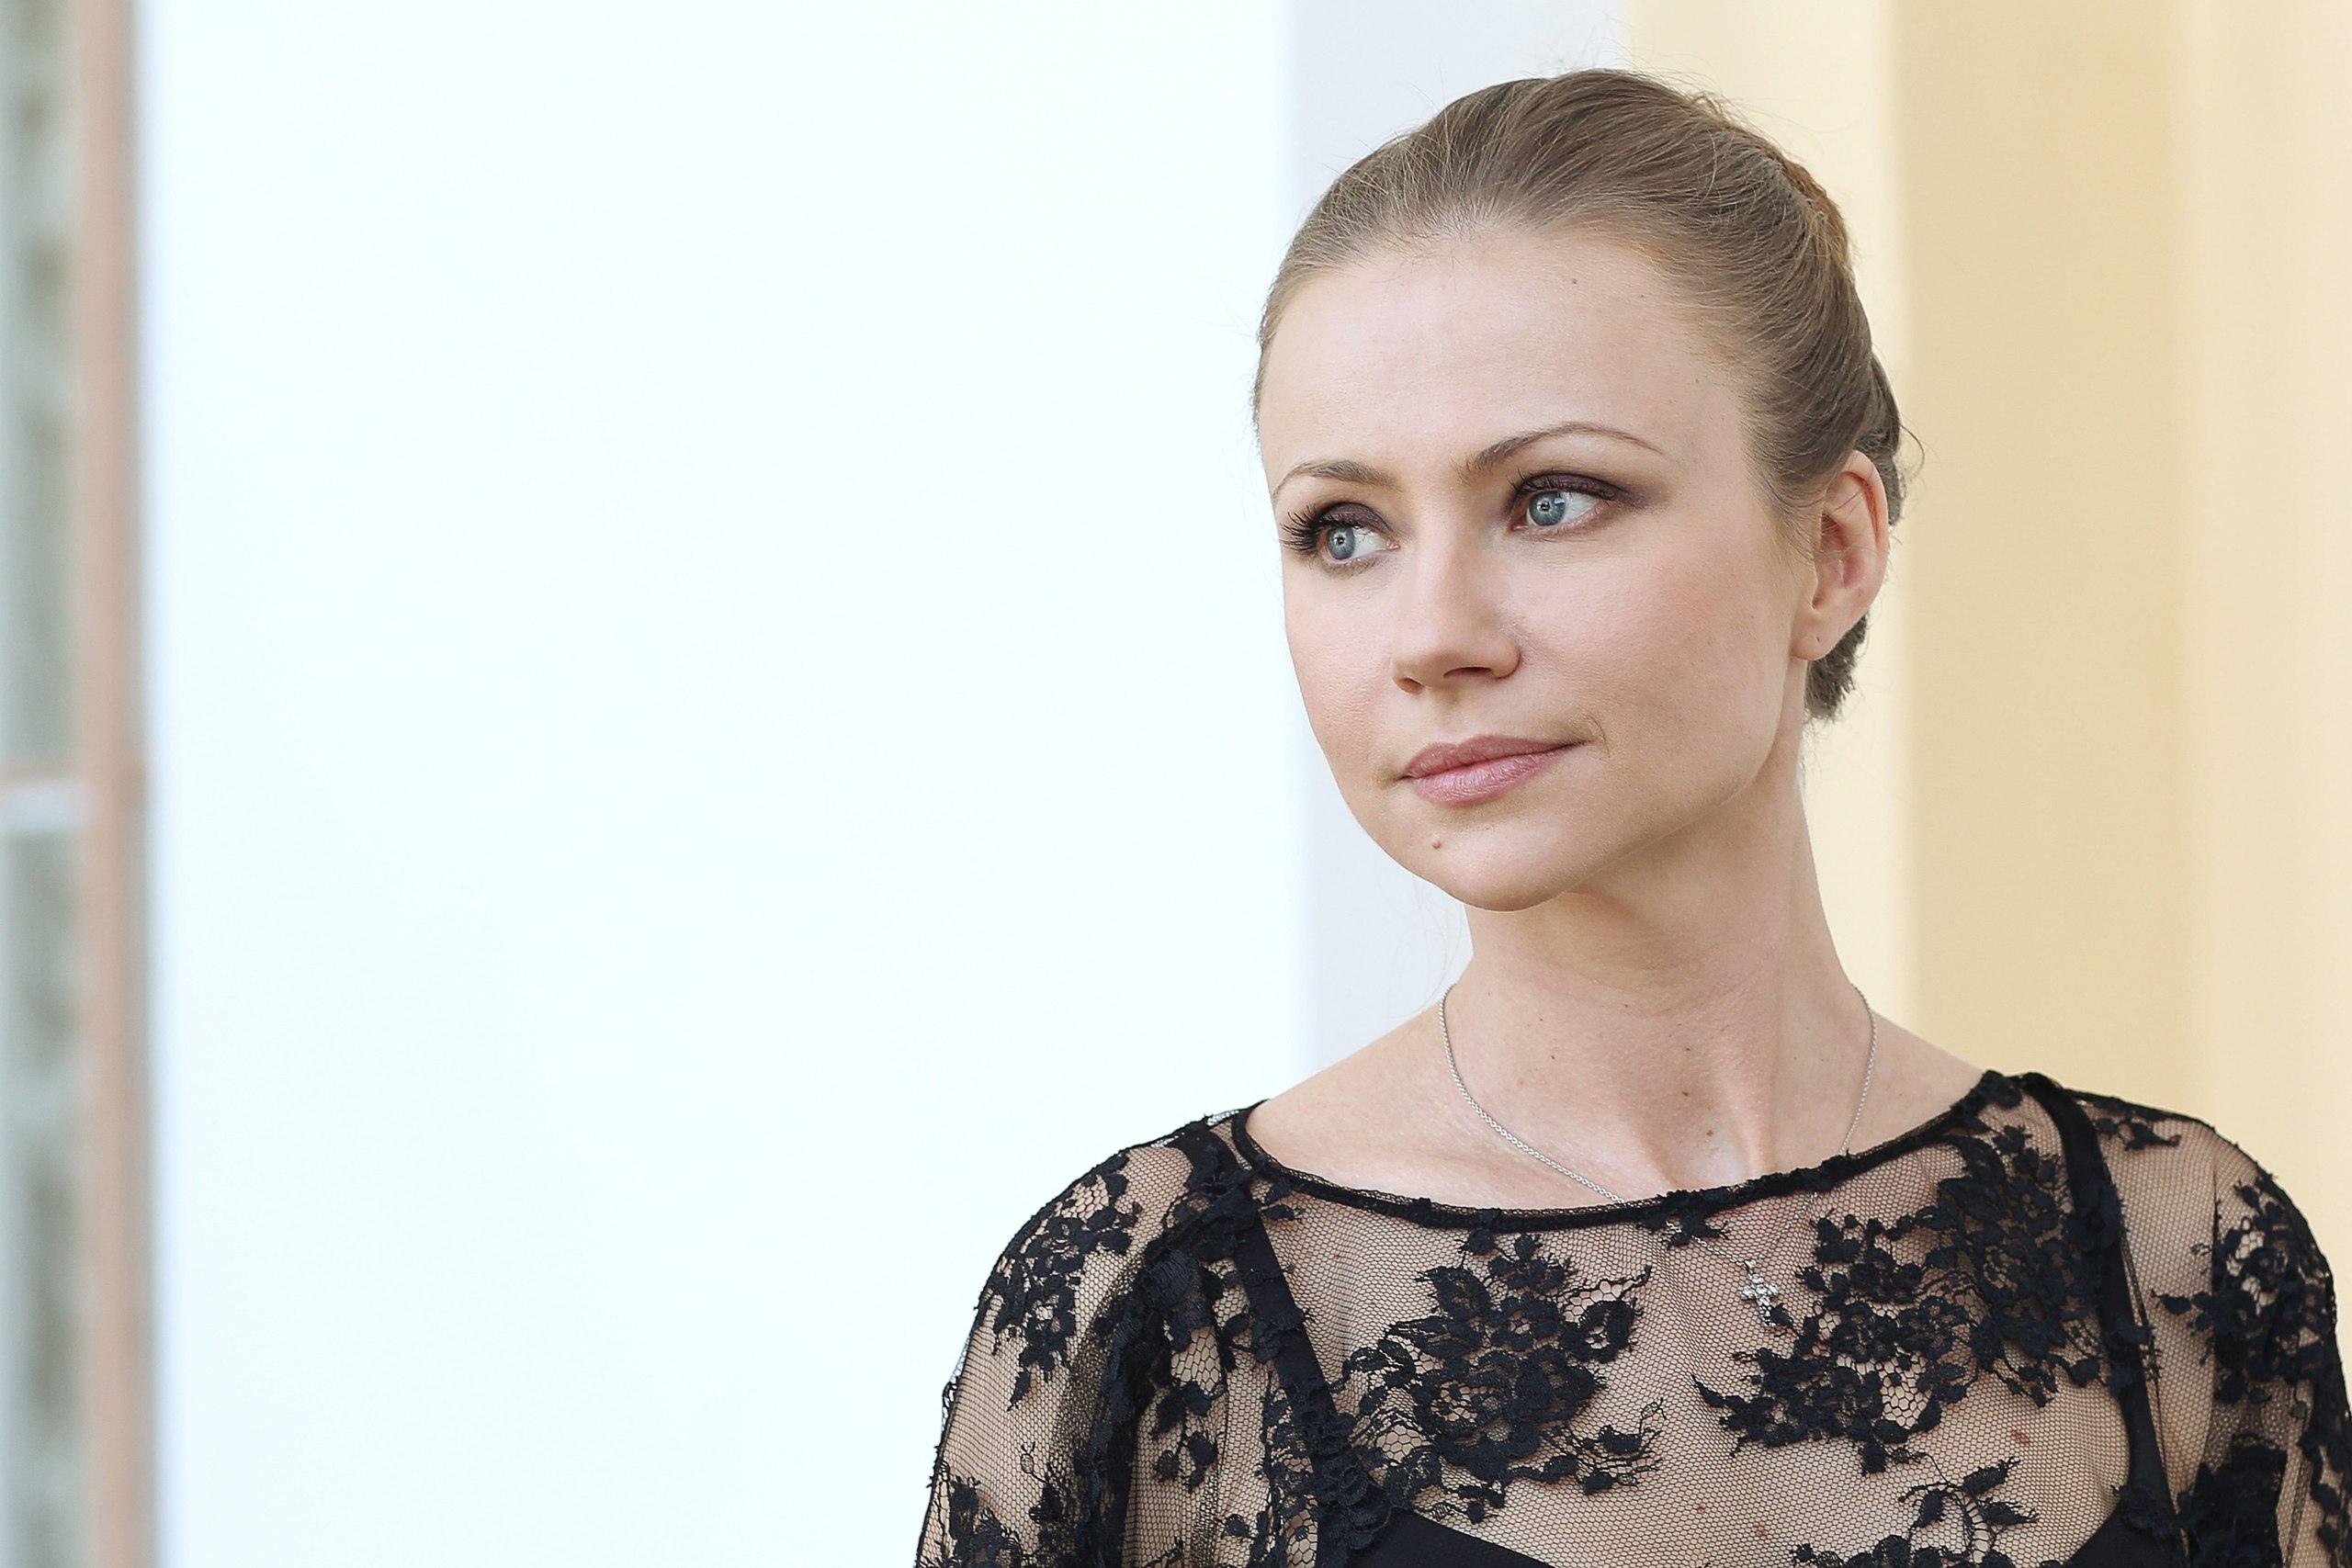 Сегодня свой день рождения отмечает Миронова Мария Андреевна (II).